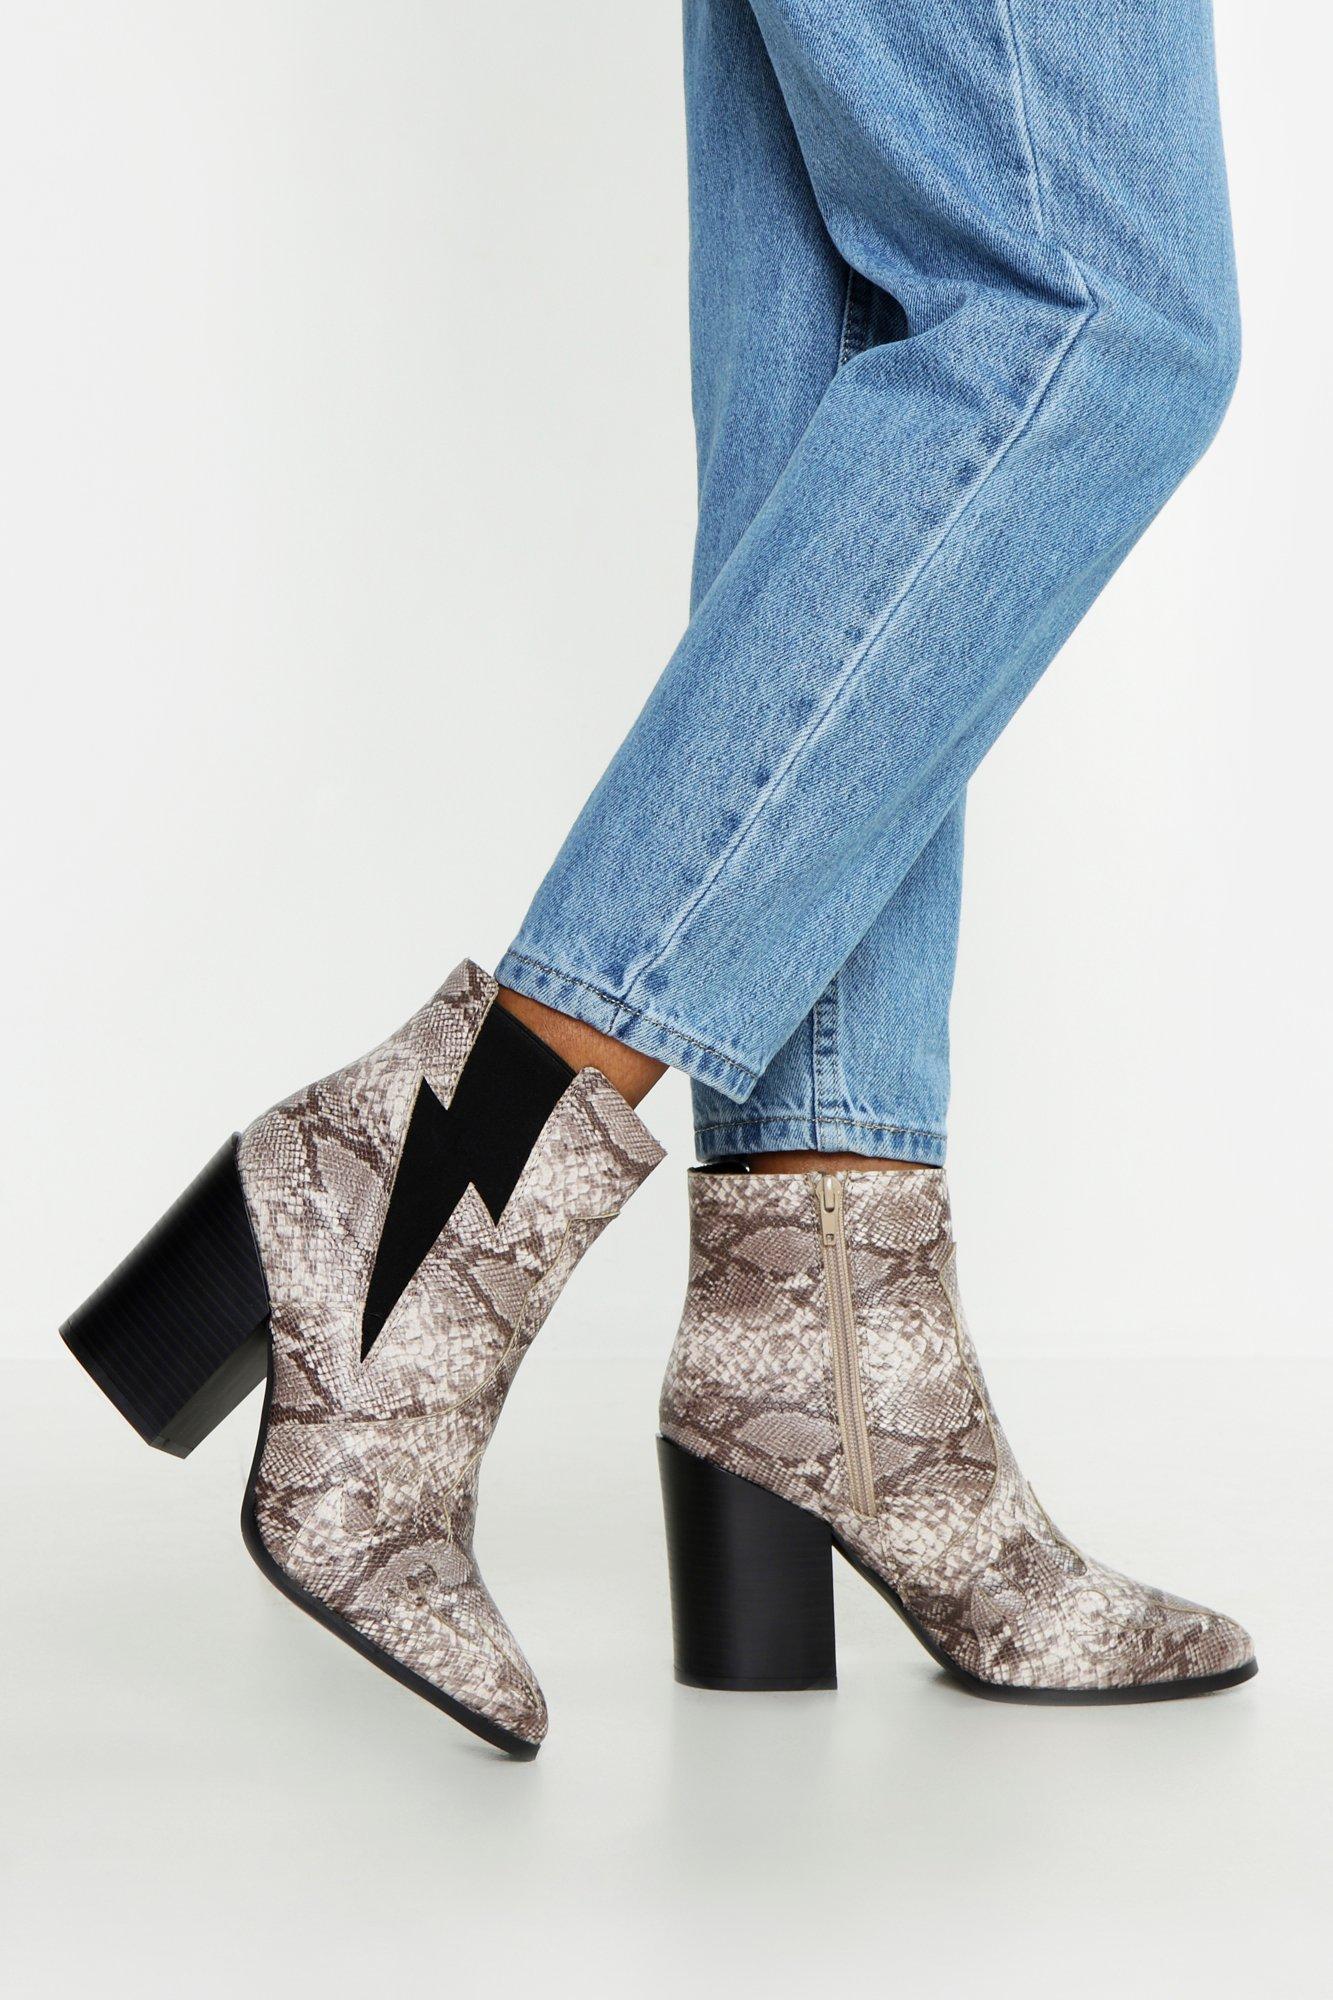 Купить Boots, Ботильоны на квадратном каблуке с остроконечным мыском, boohoo